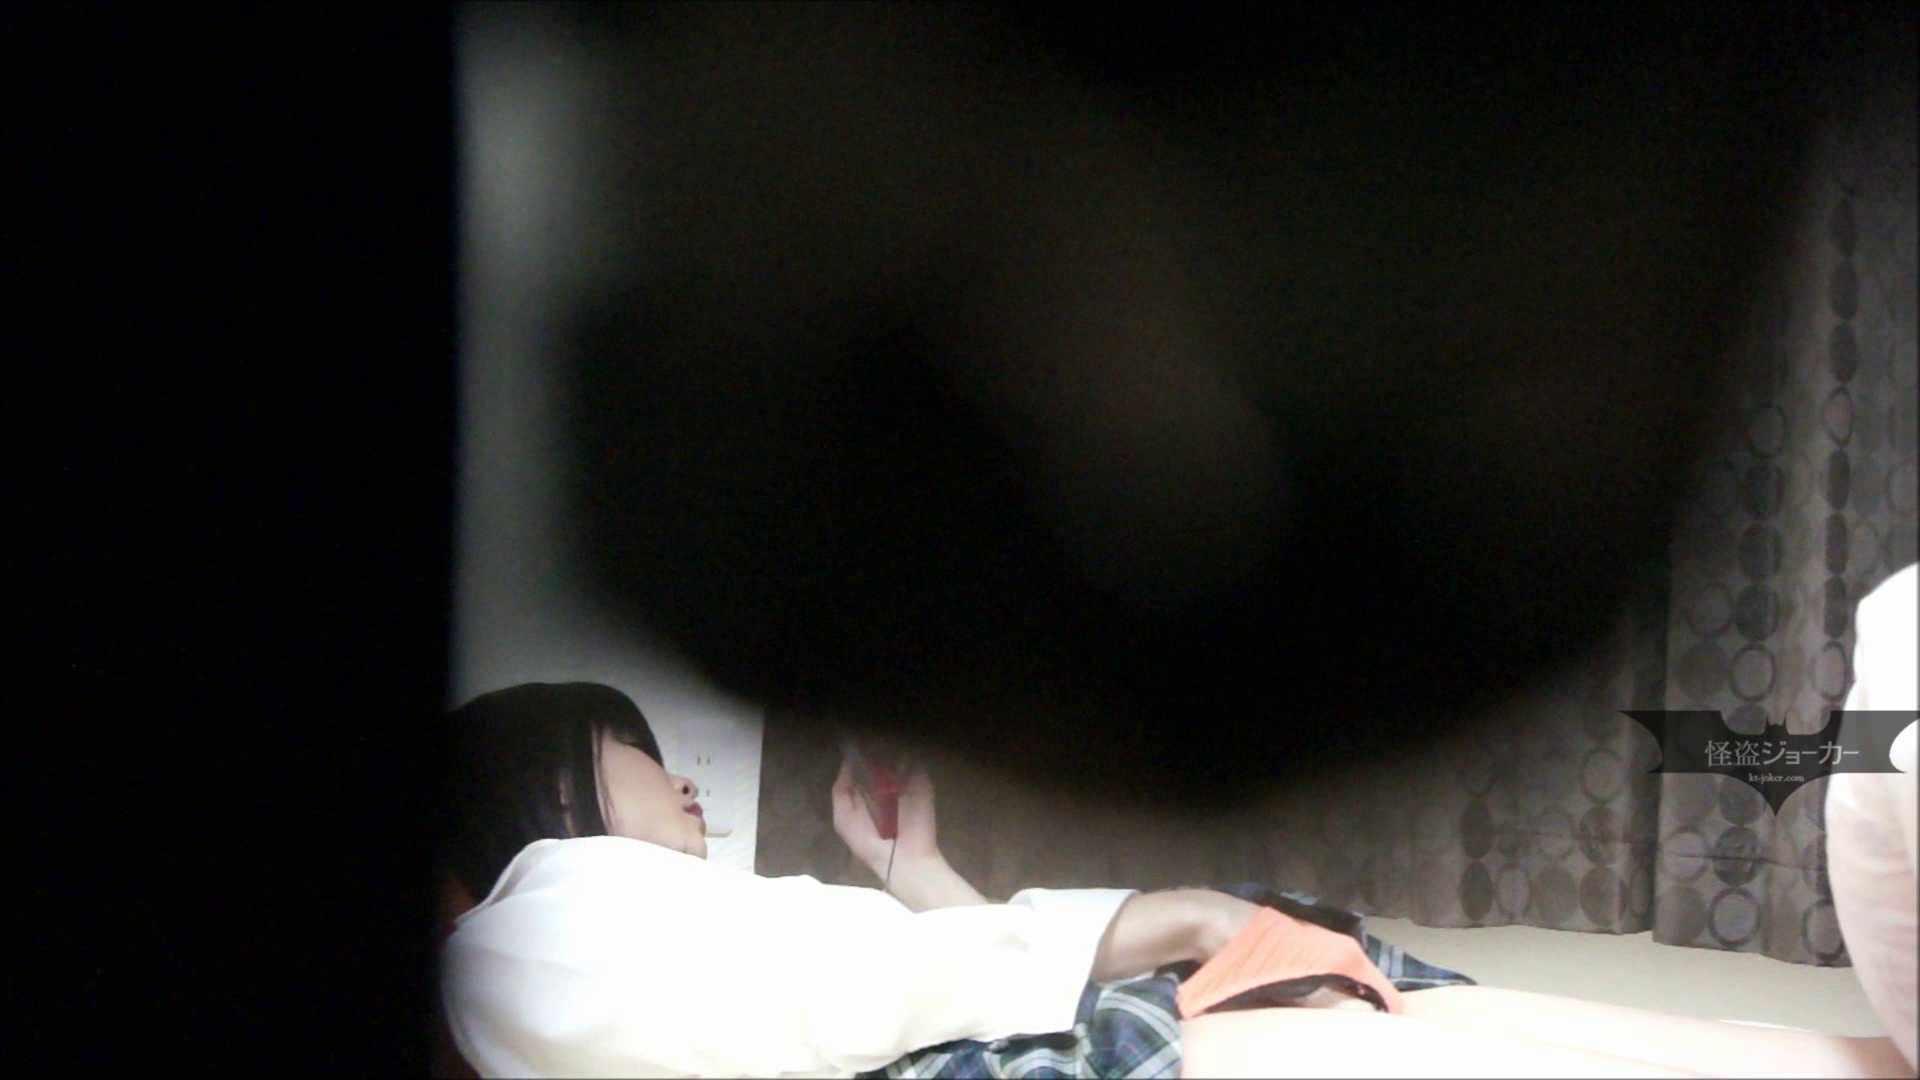 【未公開】vol.54【小春】脱衣所とオナニー隠し撮り 脱衣所   高画質  81画像 31